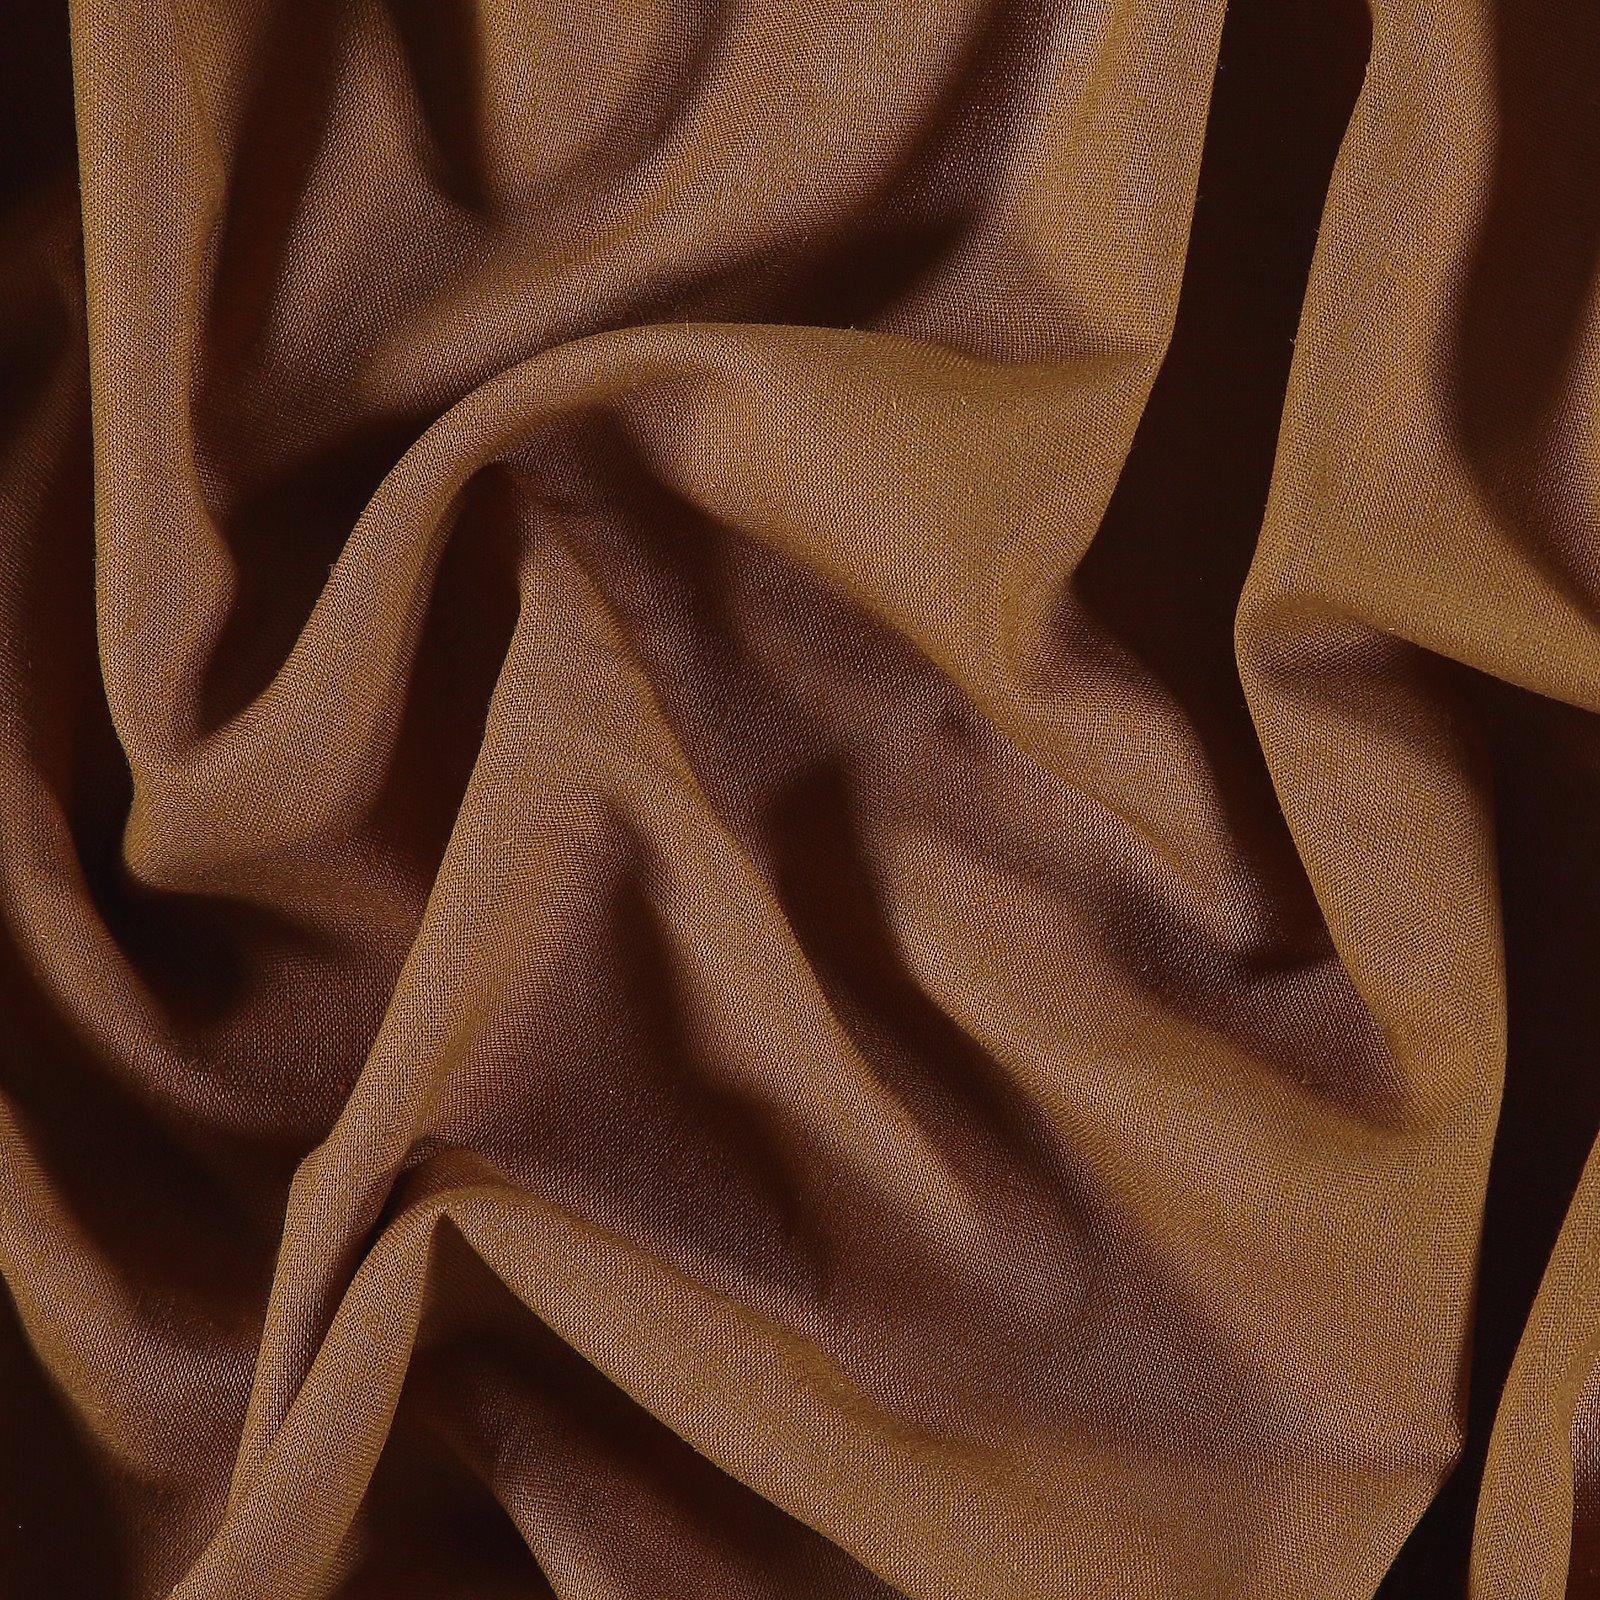 Light linen/viscose light caramel 510950_pack